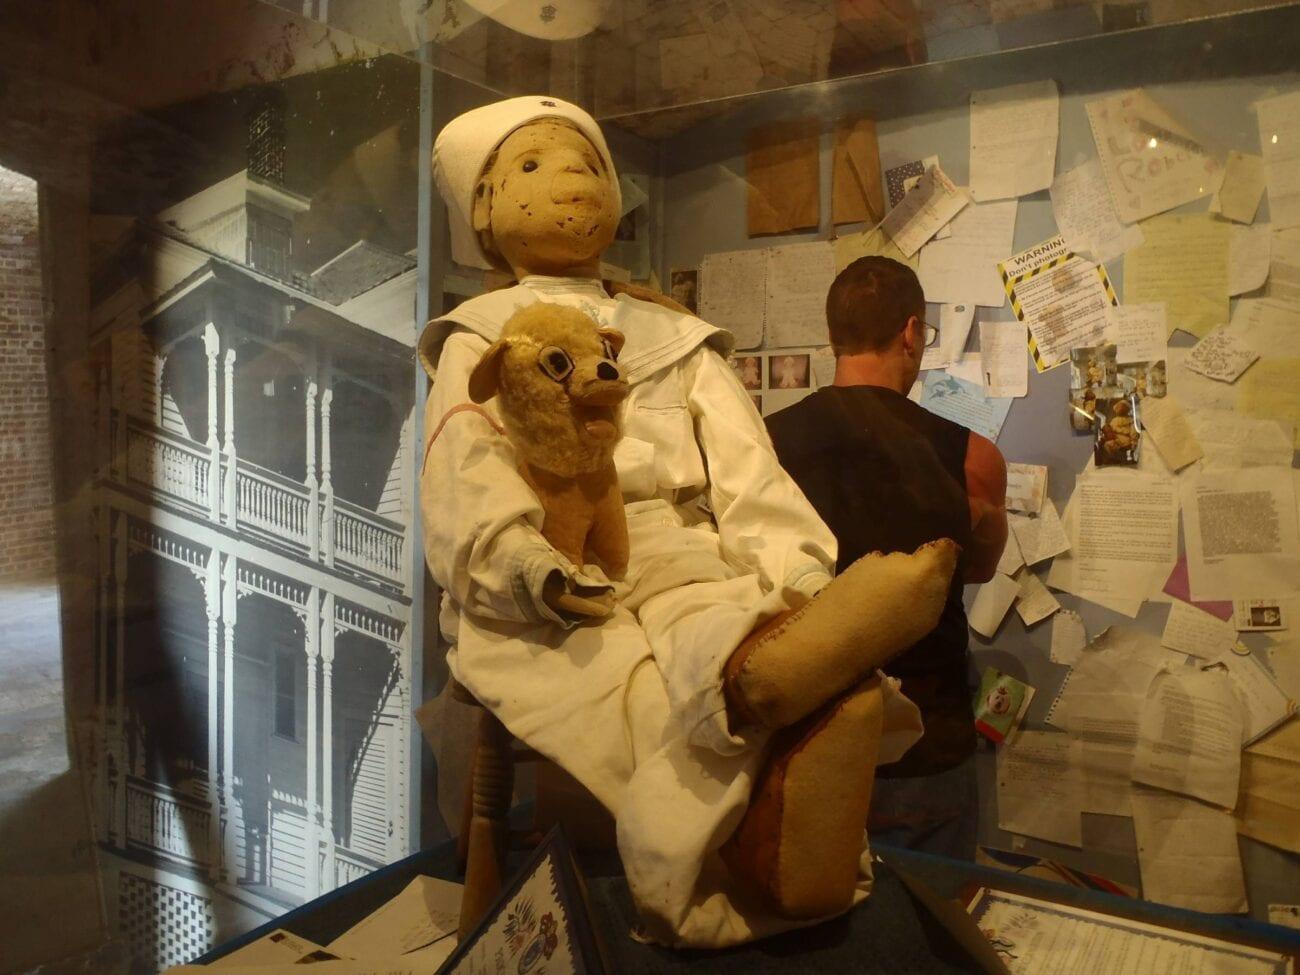 ¿En verdad existe Chucky? Entérate de la historia del muñeco diabólico en el que se inspiraron para 'Child's Play'.